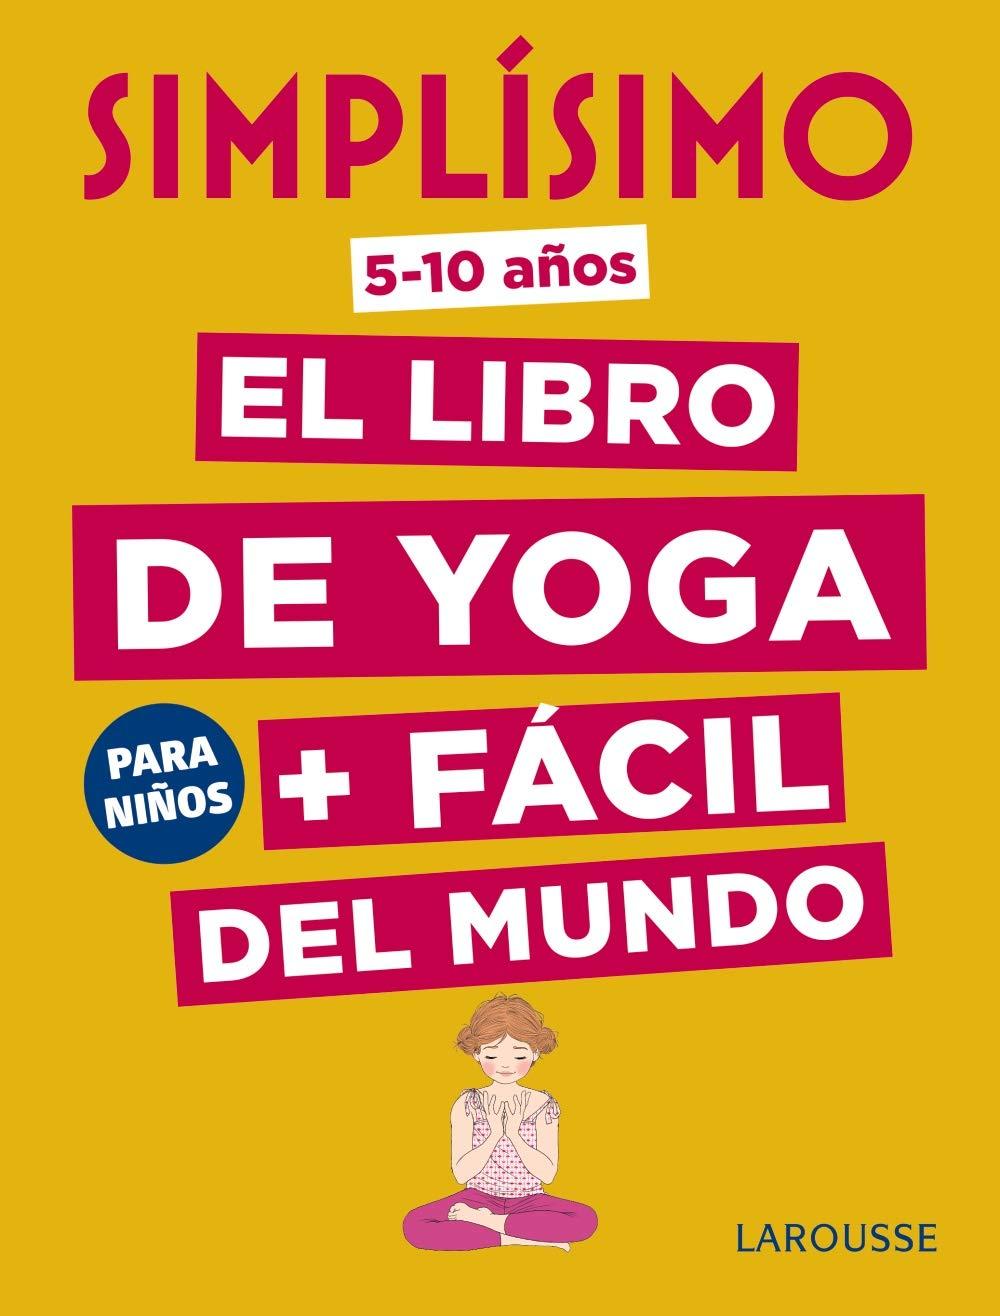 Simplísimo, el libro de yoga + fácil del mundo: Isabelle ...